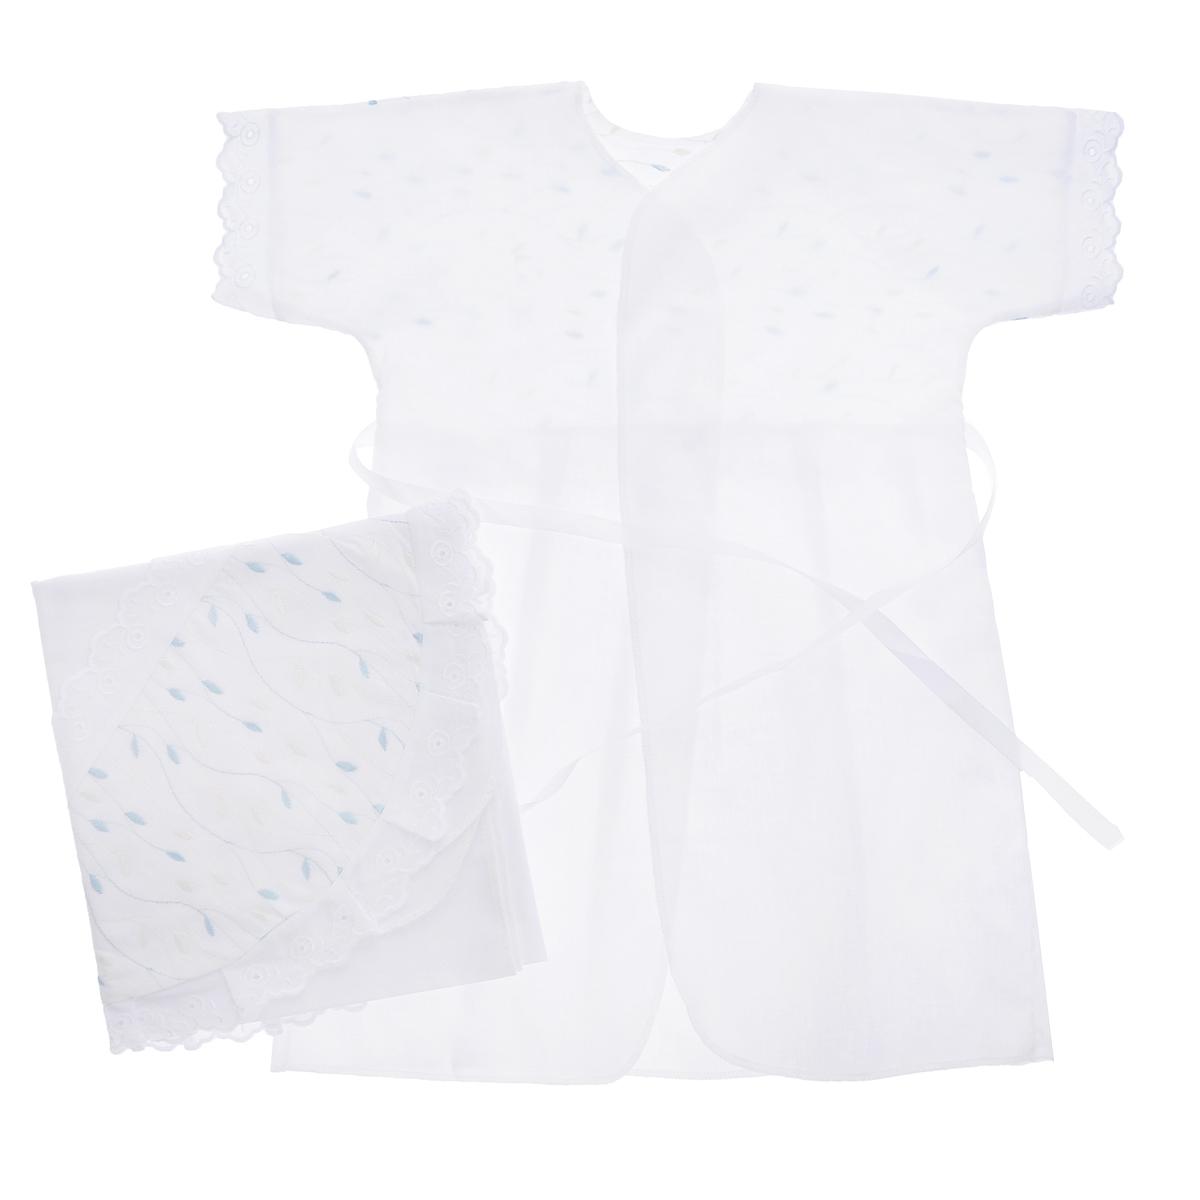 Комплект для крещения детский Трон-плюс: рубашка, пеленка, цвет: белый, голубой. 1402. Размер 68, 6 месяцев1402Великолепный комплект для крещения Трон-плюс состоит из рубашки и пеленки с капюшоном. Изготовленный из натурального хлопка, он необычайно мягкий и приятный на ощупь, не сковывает движения младенца и позволяет коже дышать, не раздражает нежную кожу ребенка, обеспечивая ему наибольший комфорт. Рубашечка с запахом сзади и цельнокроенными рукавами имеет полочку на кокетке, отделанную средним шитьем. От линии талии заложены складки. Полочка и край рукавов оформлены ажурными рюшами. Спереди рубашка украшена вышивкой. Завязывается рубашка с помощью атласного пояска.Уголок с капюшоном позволяет полностью завернуть малыша после купания. Капюшон украшен ажурными рюшами и вышивкой.Такой комплект станет незаменимым для обряда Крещения и поможет сделать его запоминающимся.